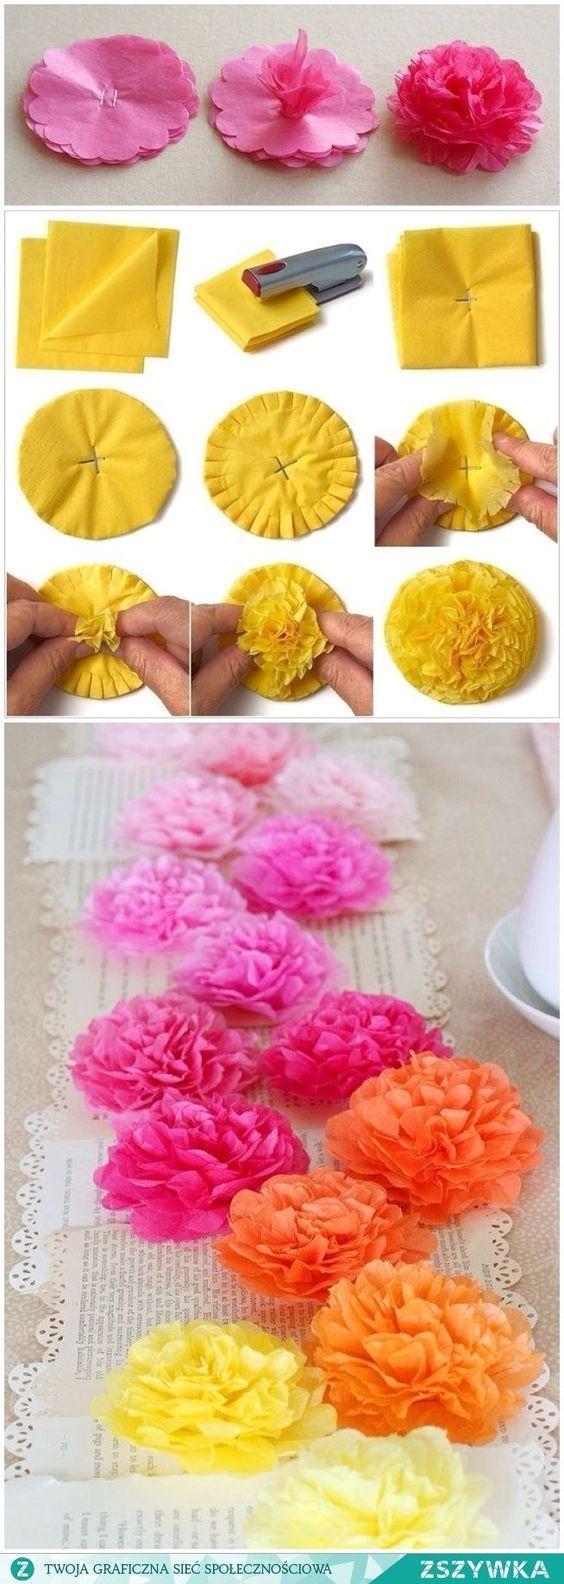 Hallo! Ich bin zurück mit einem inspirierenden Montag zum DIY Flower Se … #a